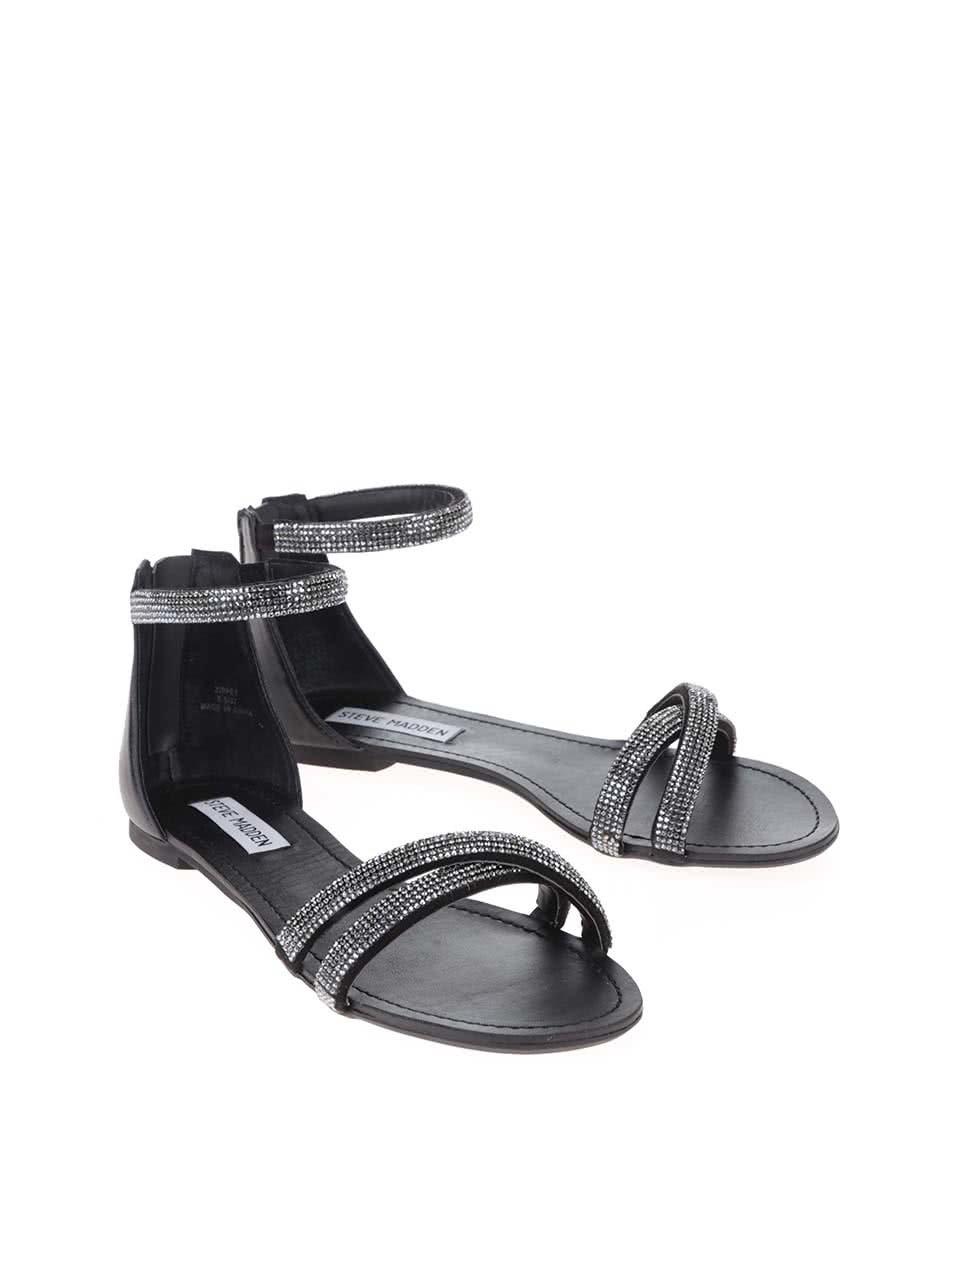 54fcb62d182b Čierno-strieborné dámske sandálky Steve Madden Zippey ...